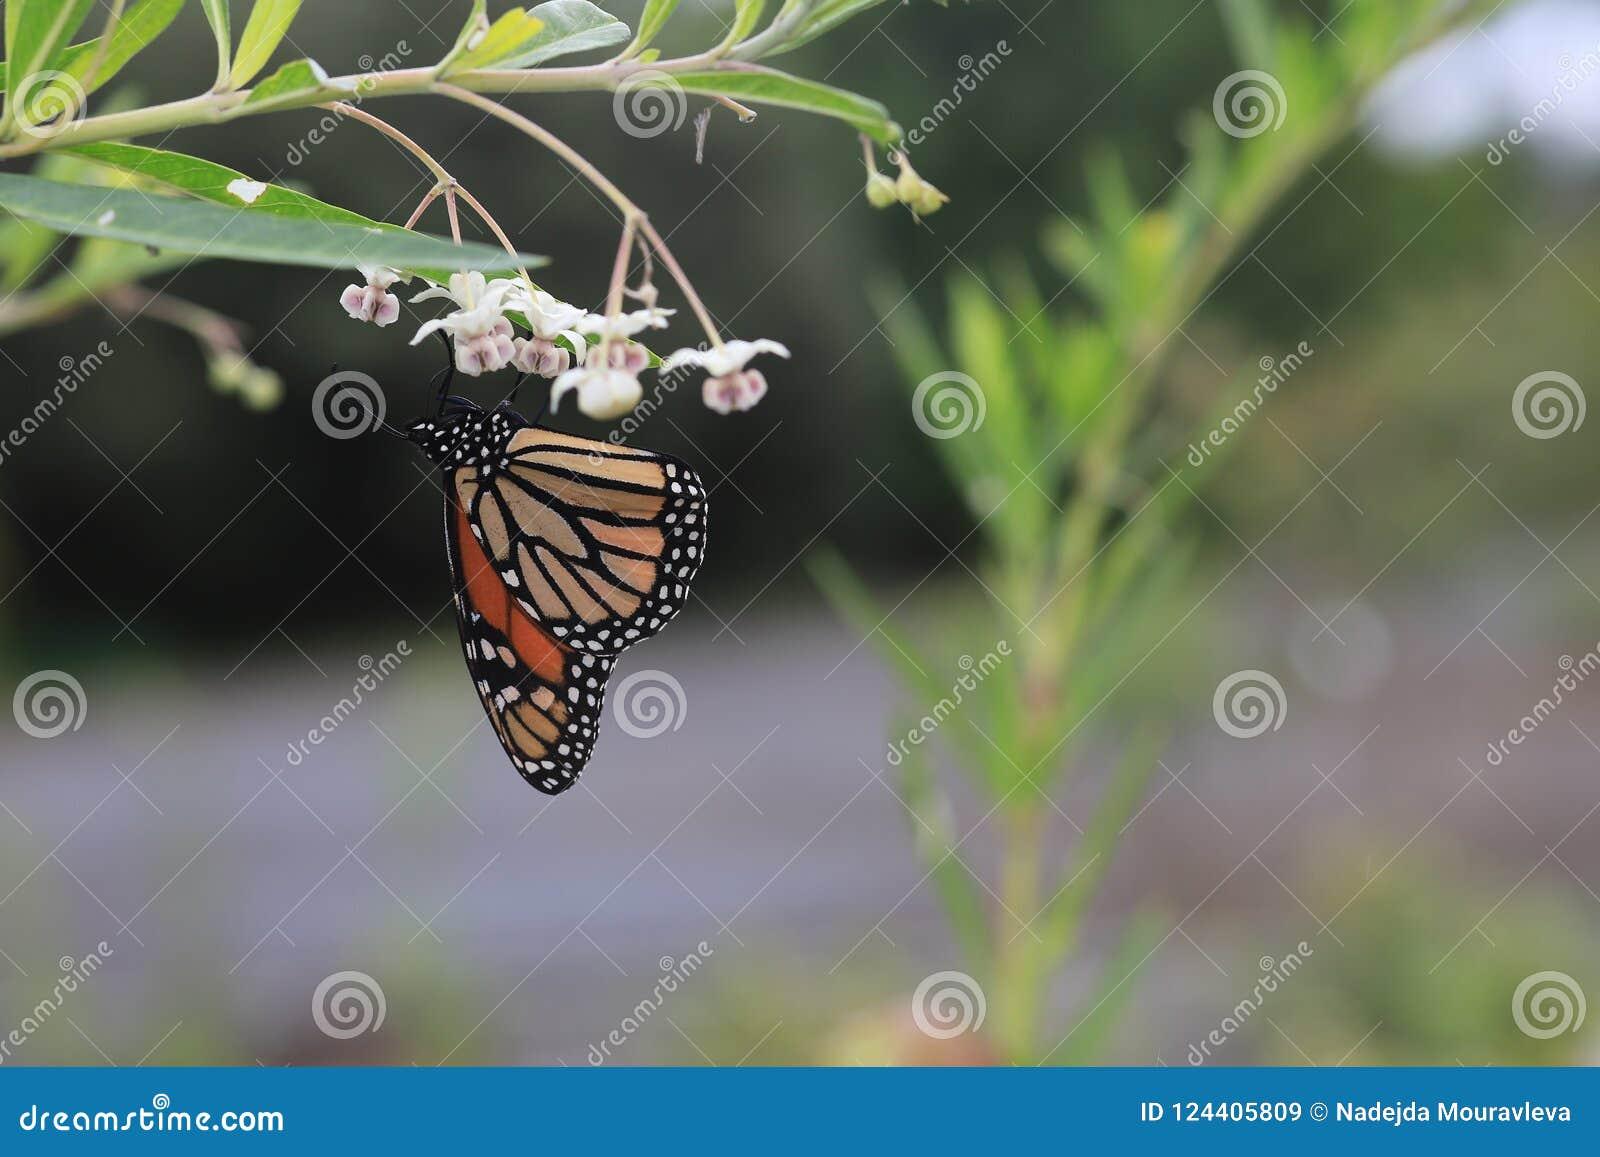 Monarkfjärilen eller monarken är enkelt en milkweedfjäril i familjnymphalidaen